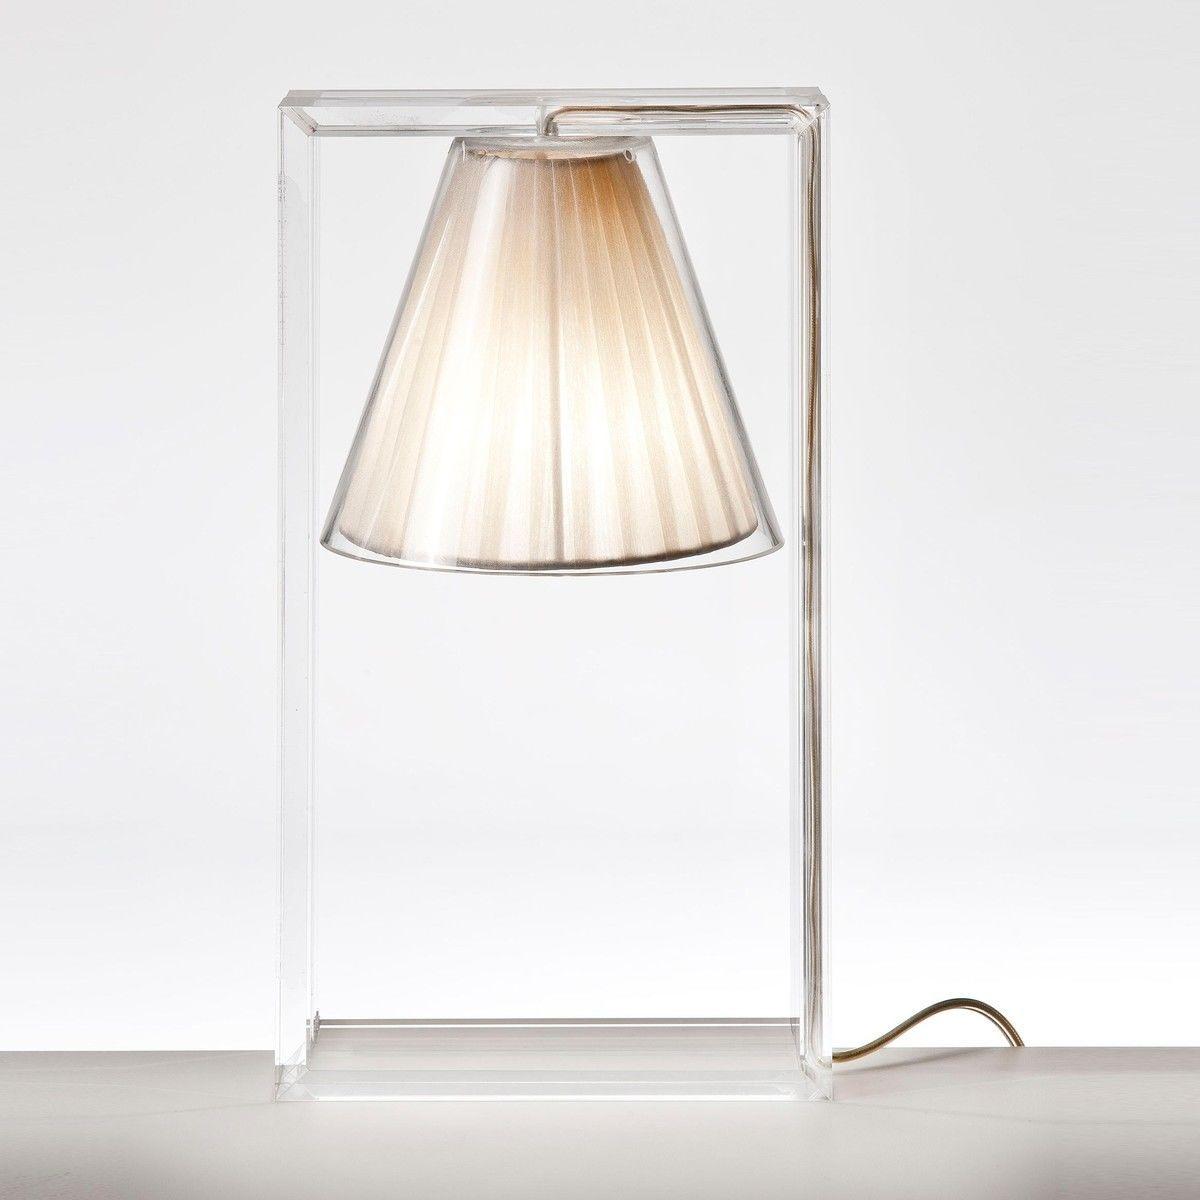 Light air lampe de table abat jour tissu kartell - Des abat jour ...